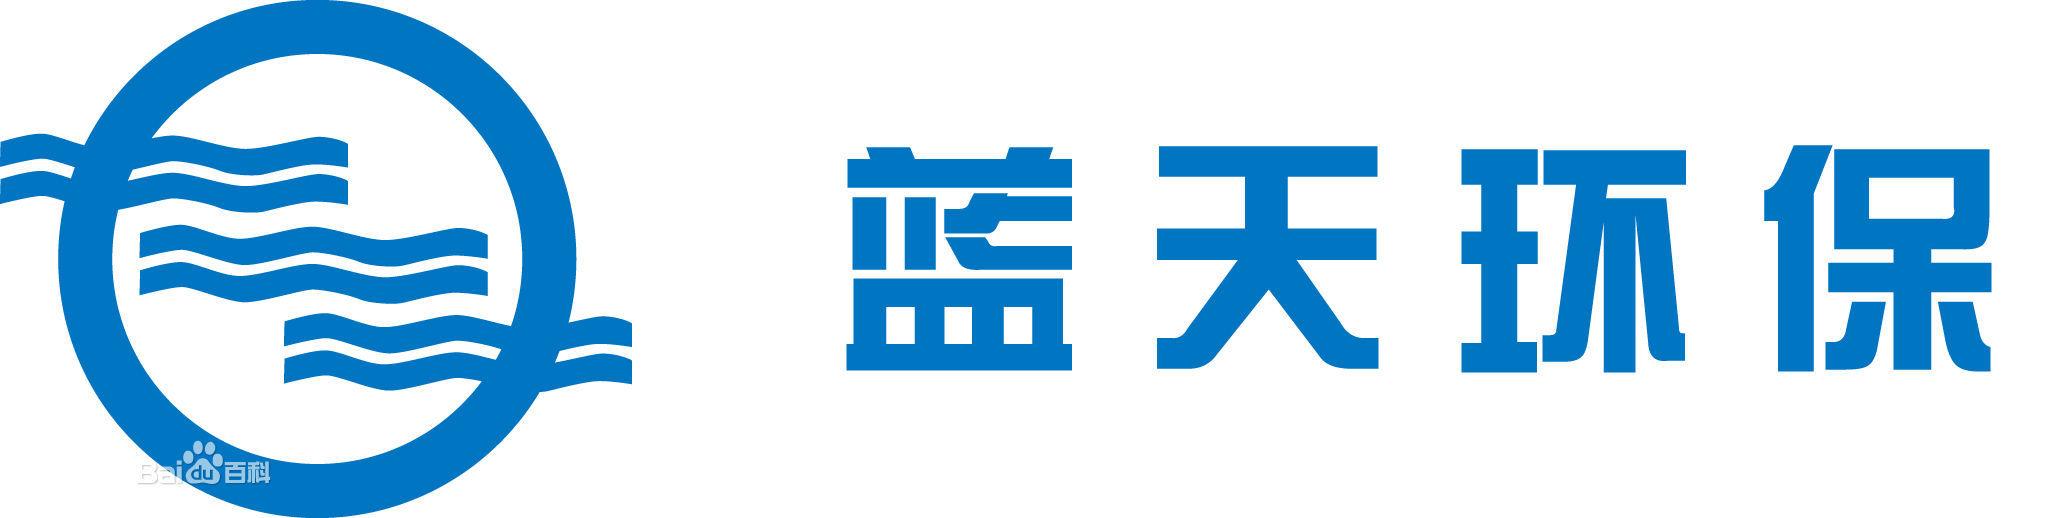 山东蓝天节能环保科技有限公司logo